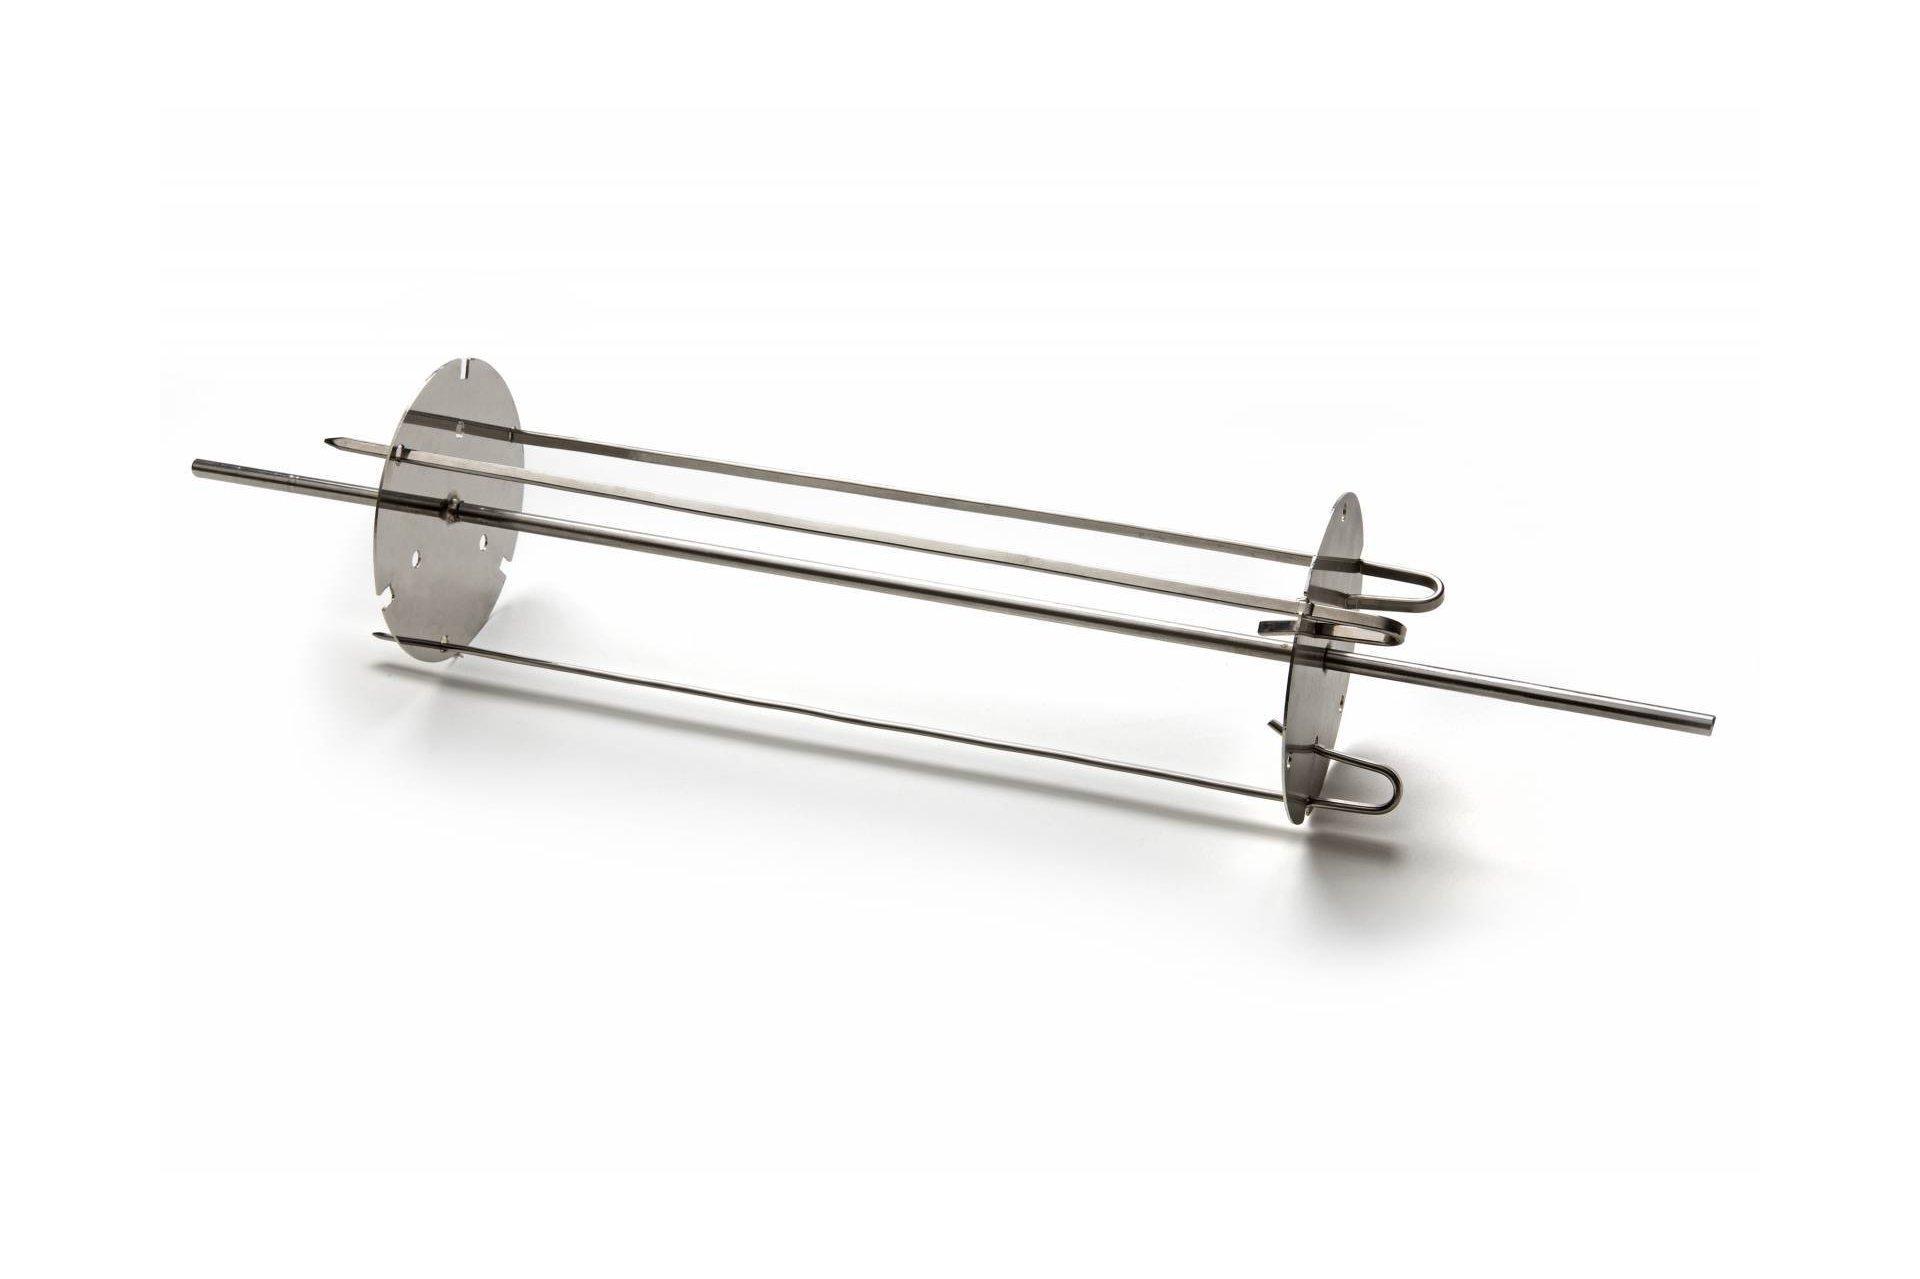 Carrossel De Espetinhos Para Espeto Giratório - Rotary Speto